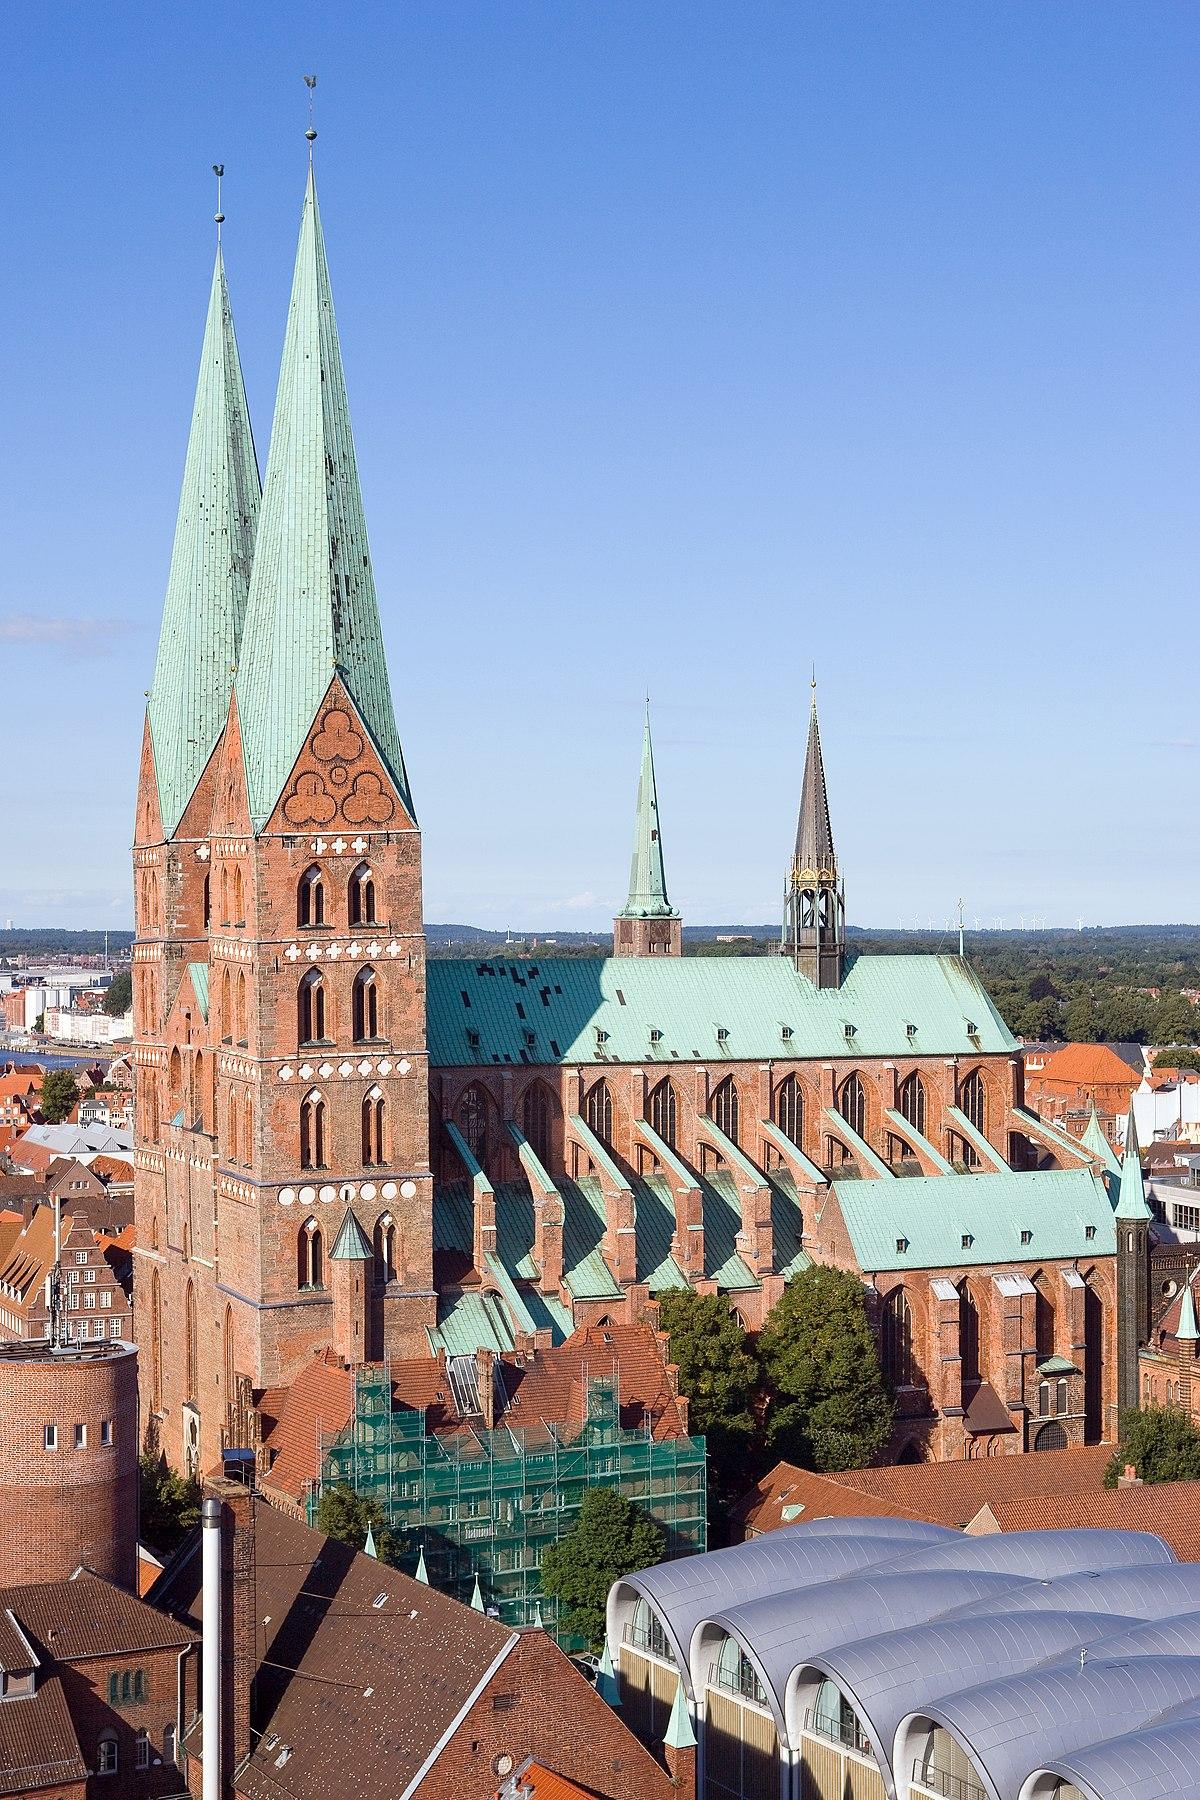 Gründerviertel Lübeck marienkirche lübeck